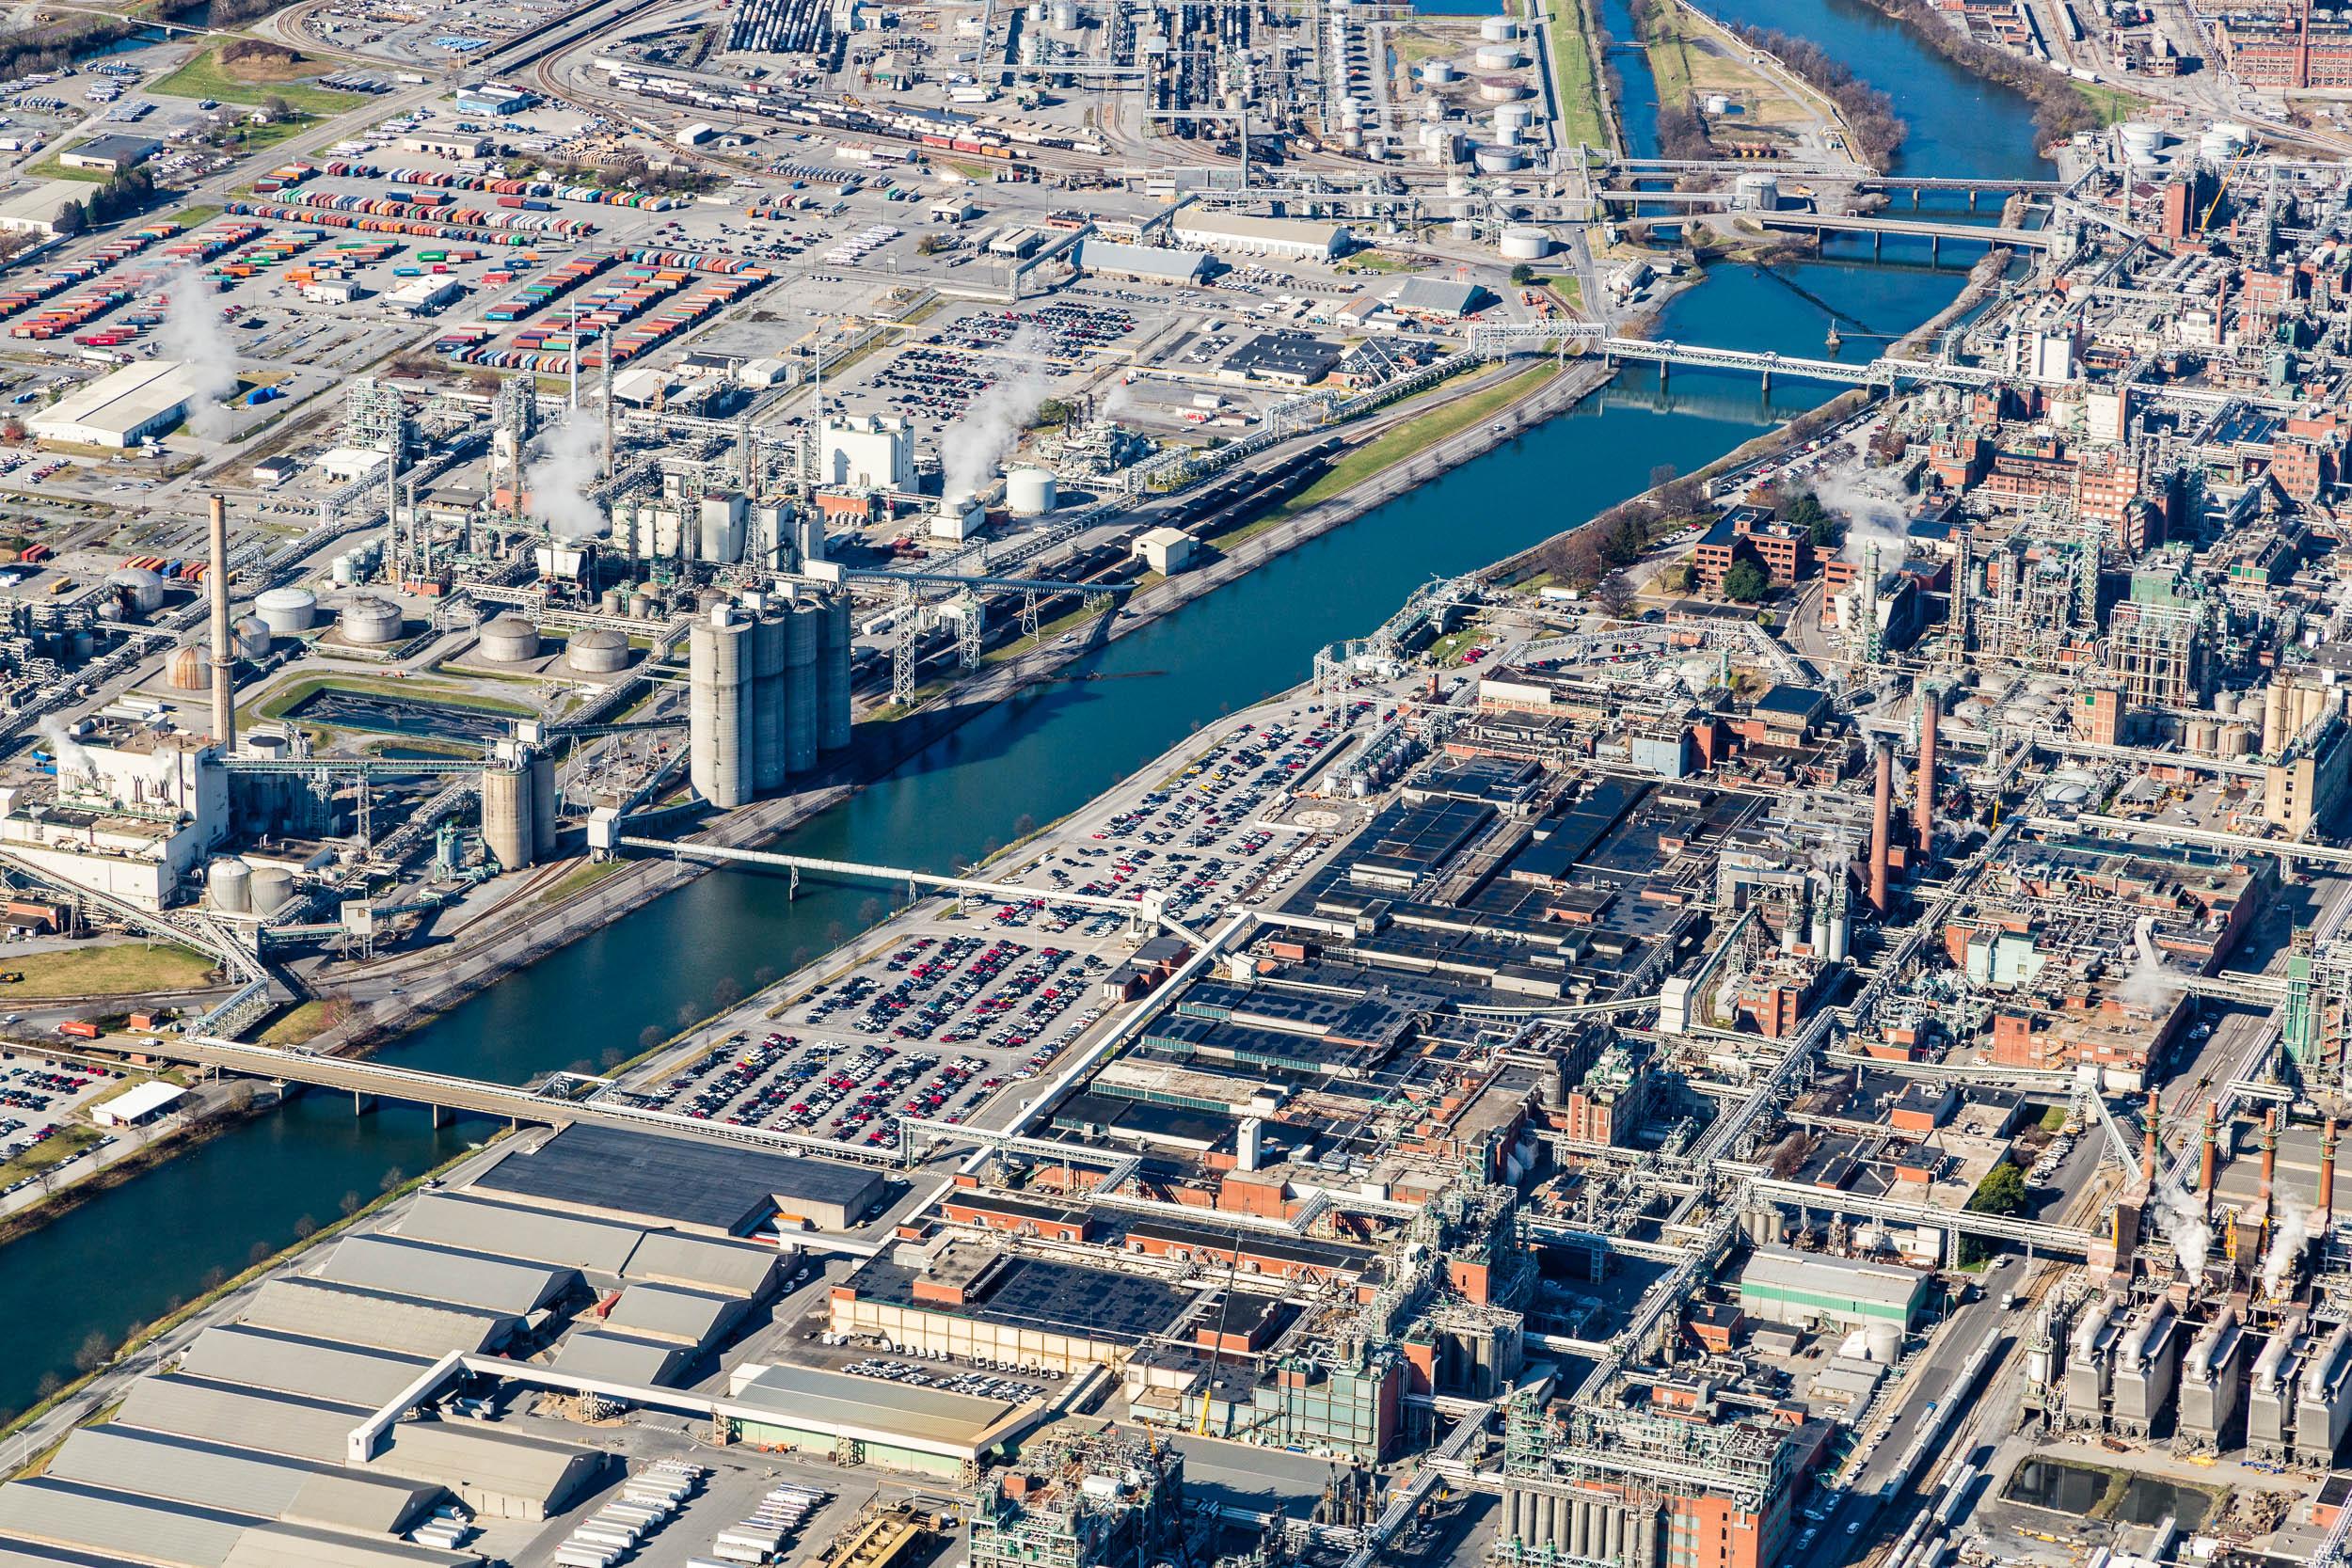 Aerial-1097_2500.jpg